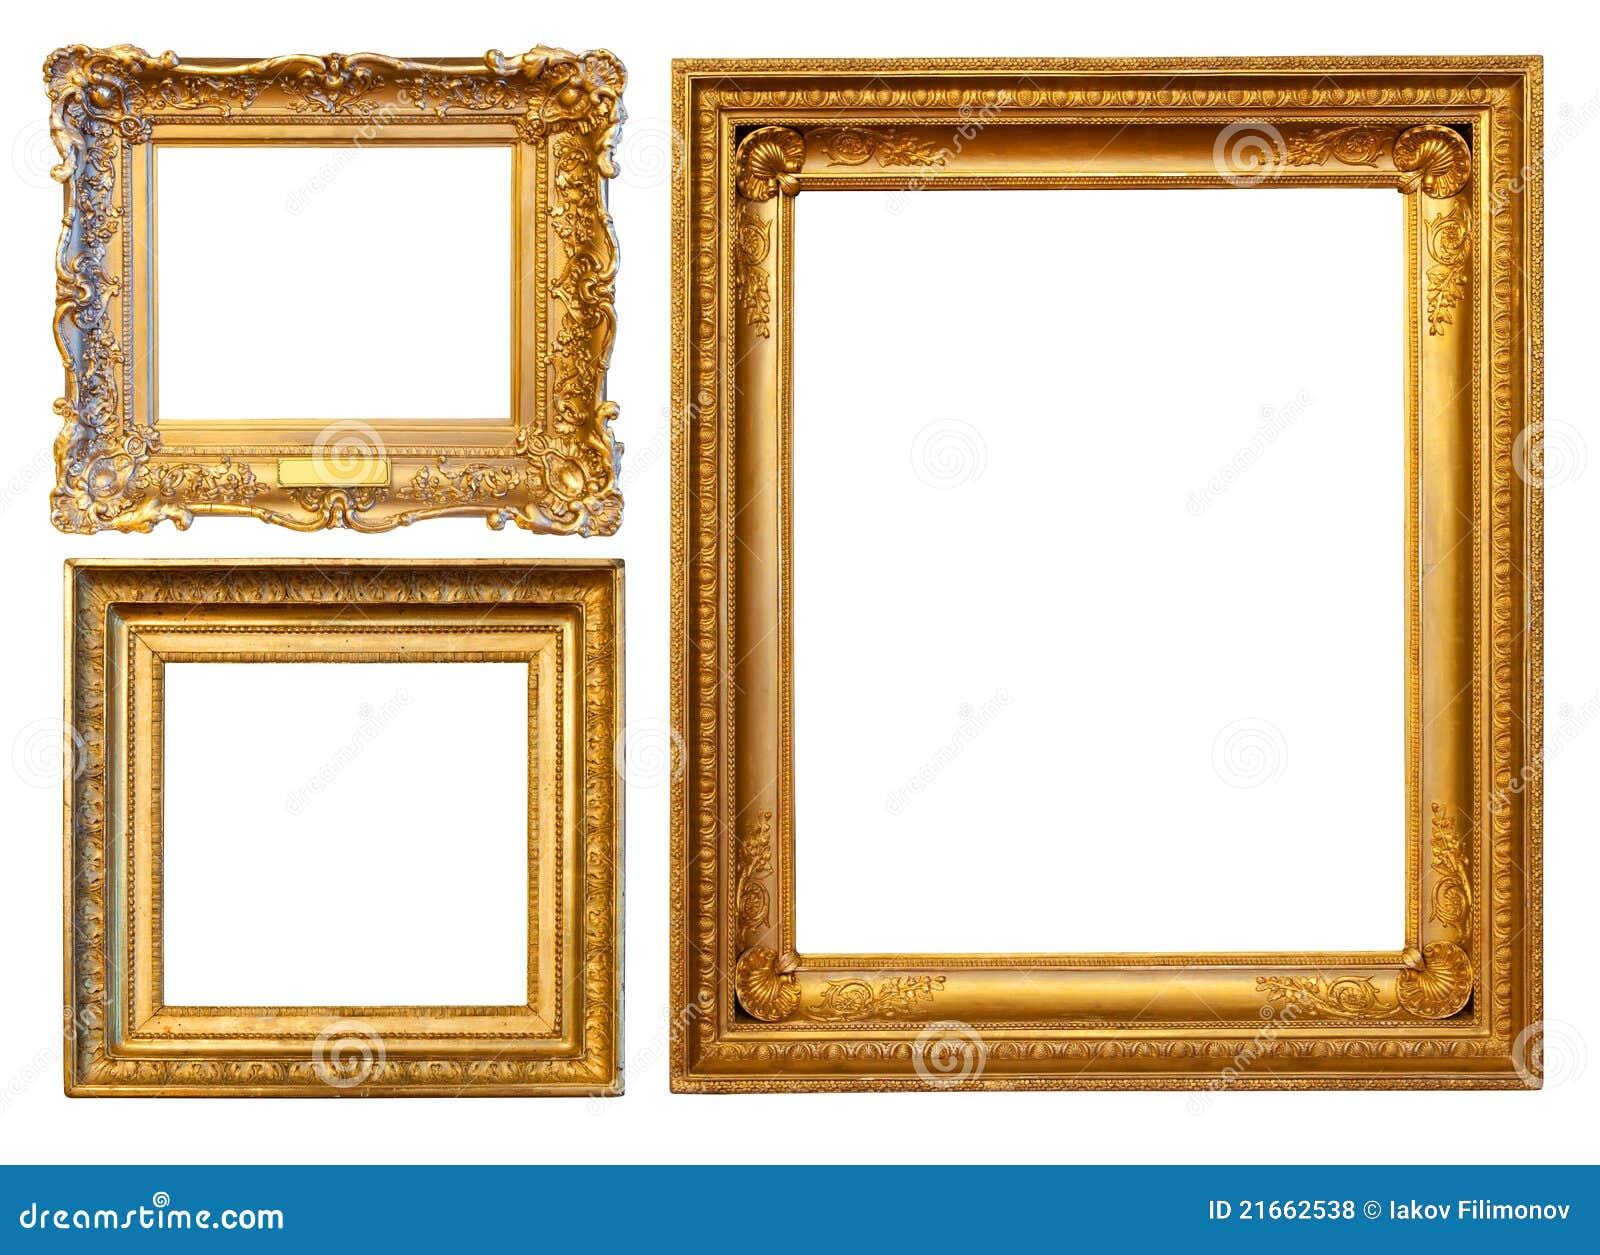 3 marcos del oro foto de archivo. Imagen de ilustraciones - 21662538